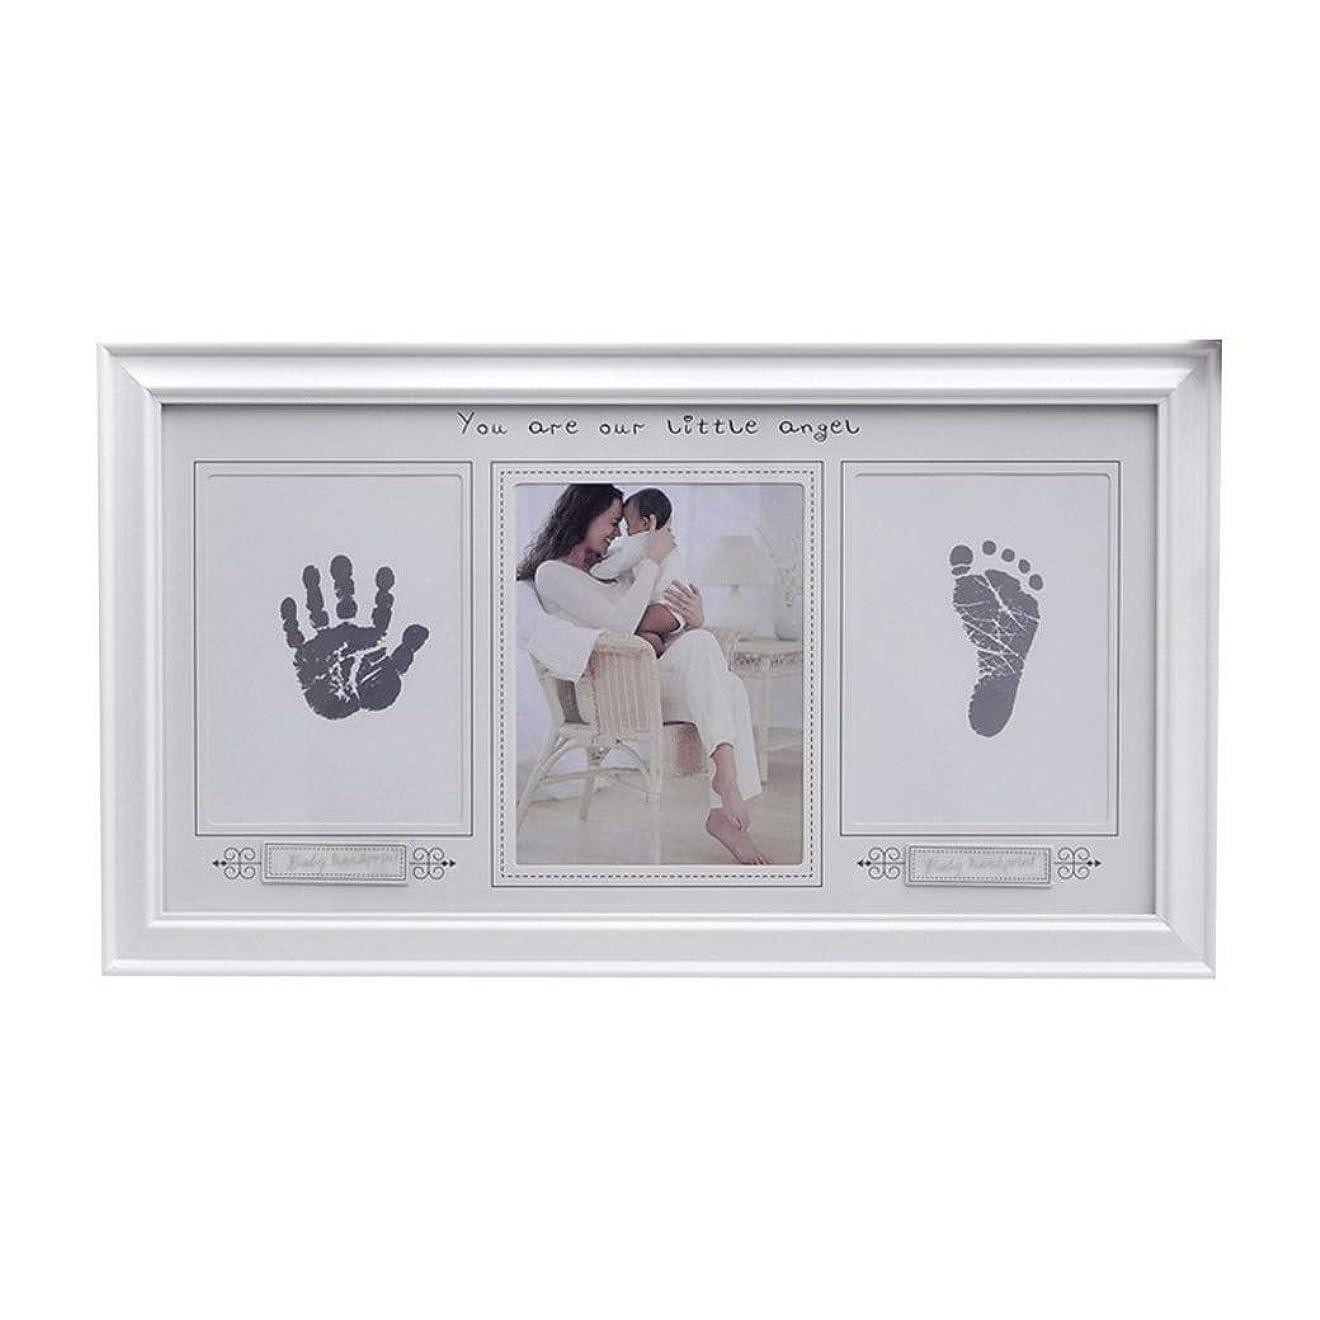 本体フィットネス説得Lelestarフレーム ベビーフレーム 赤ちゃん 手形 足形 フォトフレーム ベビーアルバム フレームベビー フォト 写真立て 置き掛け兼用 無毒で安全 赤ちゃん 出産祝い 内祝い ベビー記念品